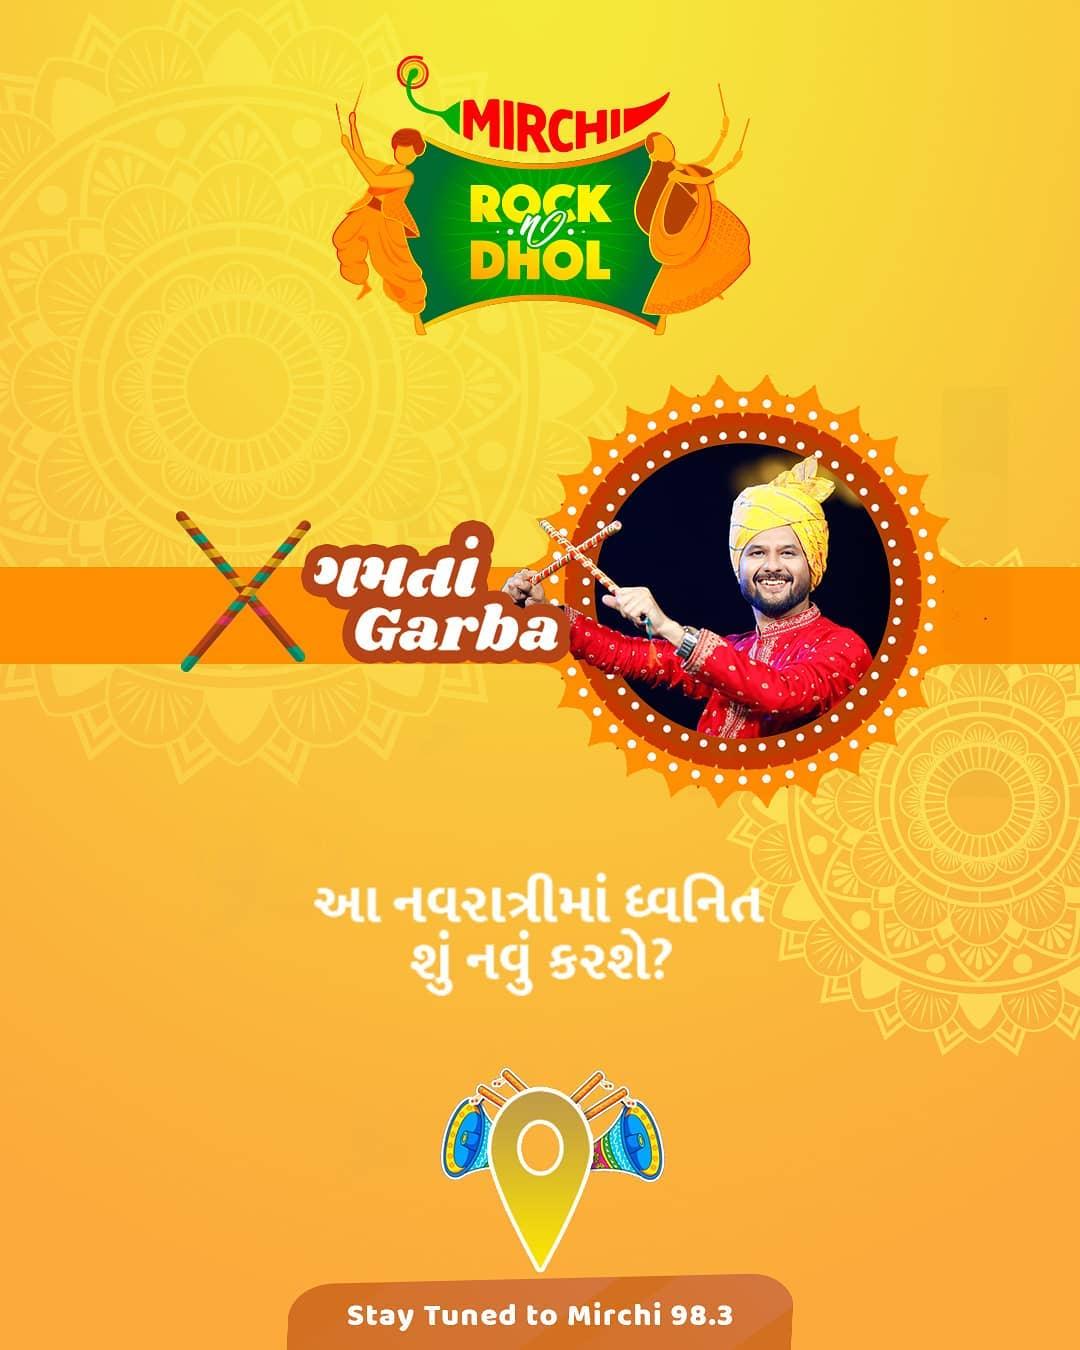 આ નવરાત્રીમાં શું કરીશું?  #rjdhvanit #dhvanit #rockndhol #RadioMirchi #MirchiGujarati